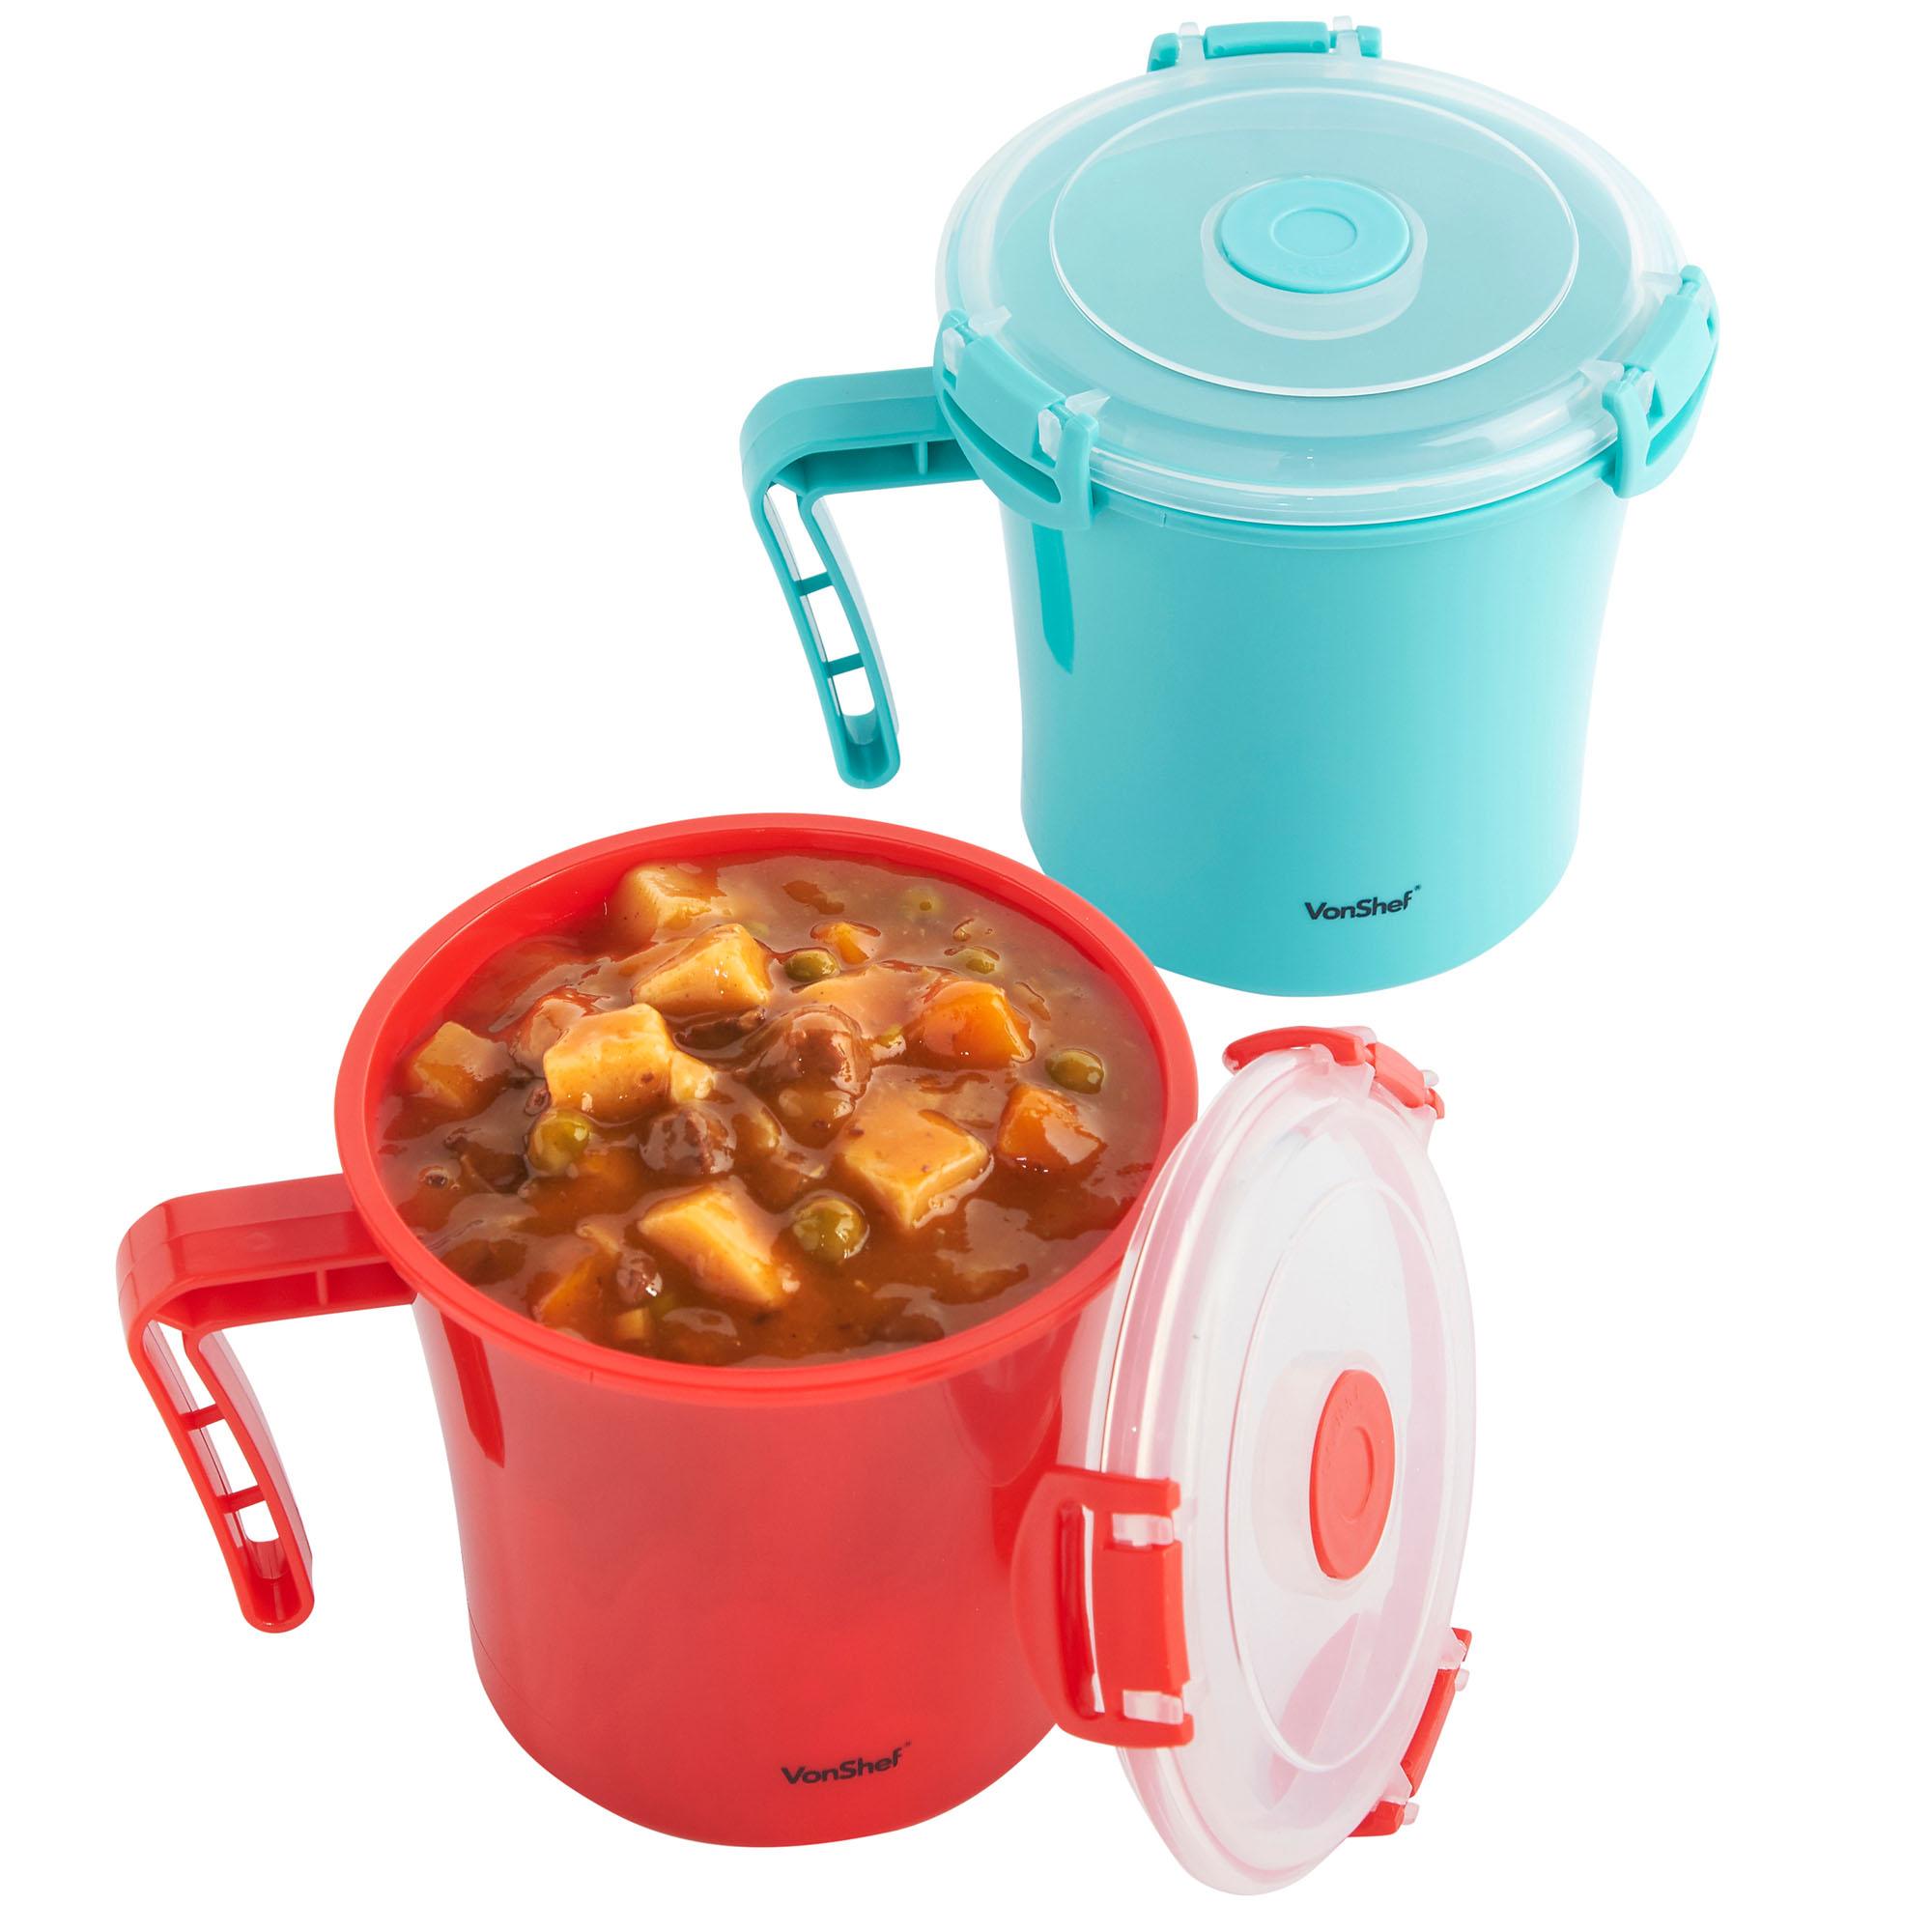 vonshef microwavable soup mug microwave noodle bowl lunch container set of 4 ebay. Black Bedroom Furniture Sets. Home Design Ideas